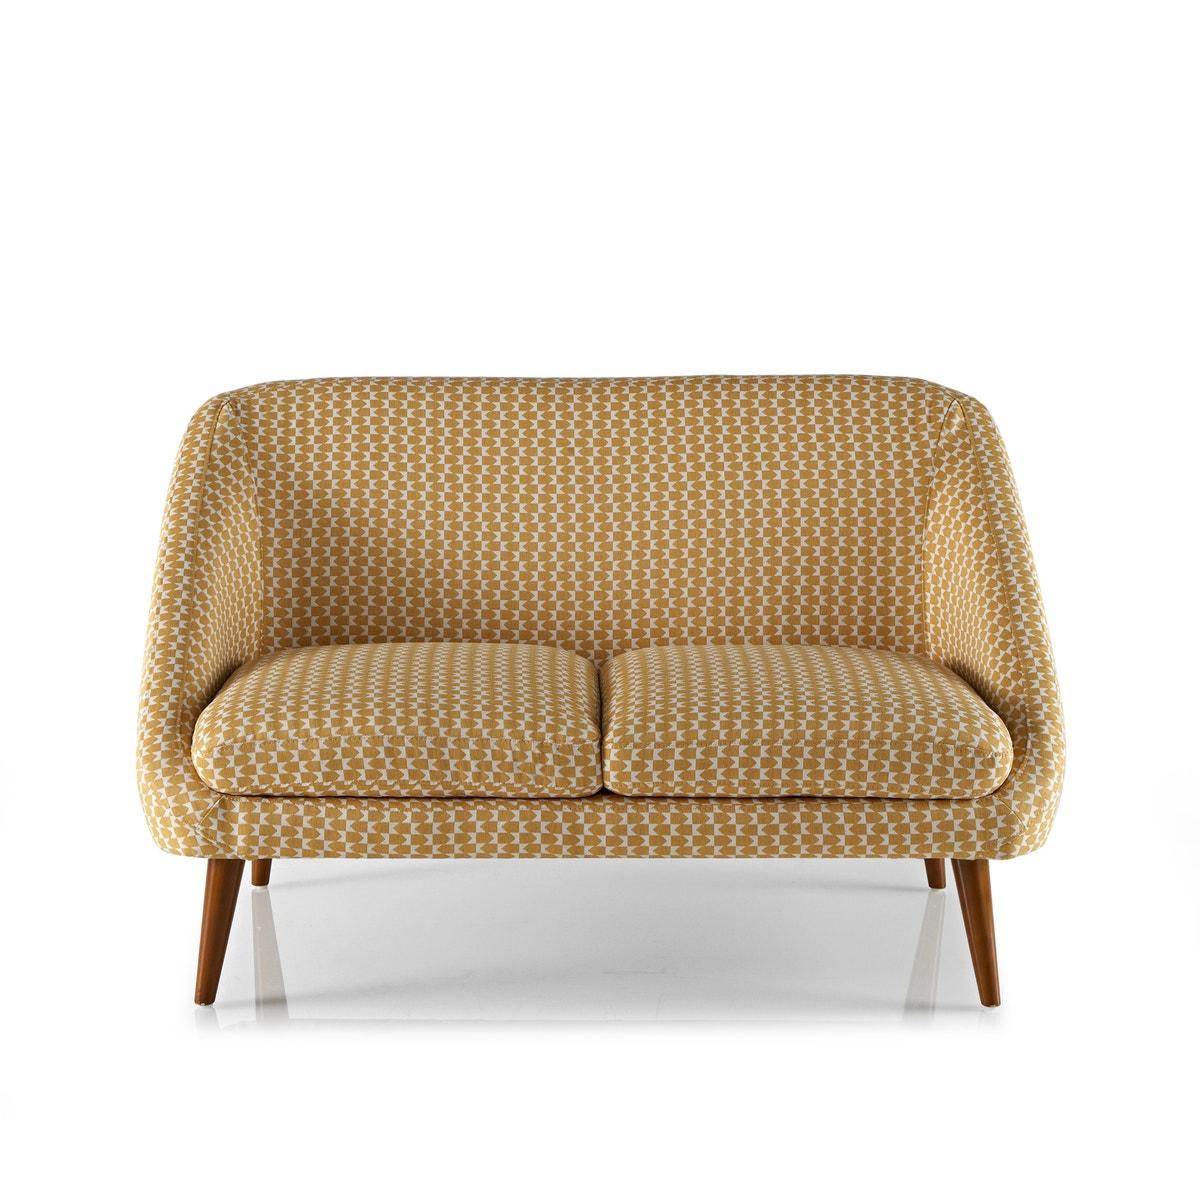 Laredoute диван s 126662/126715